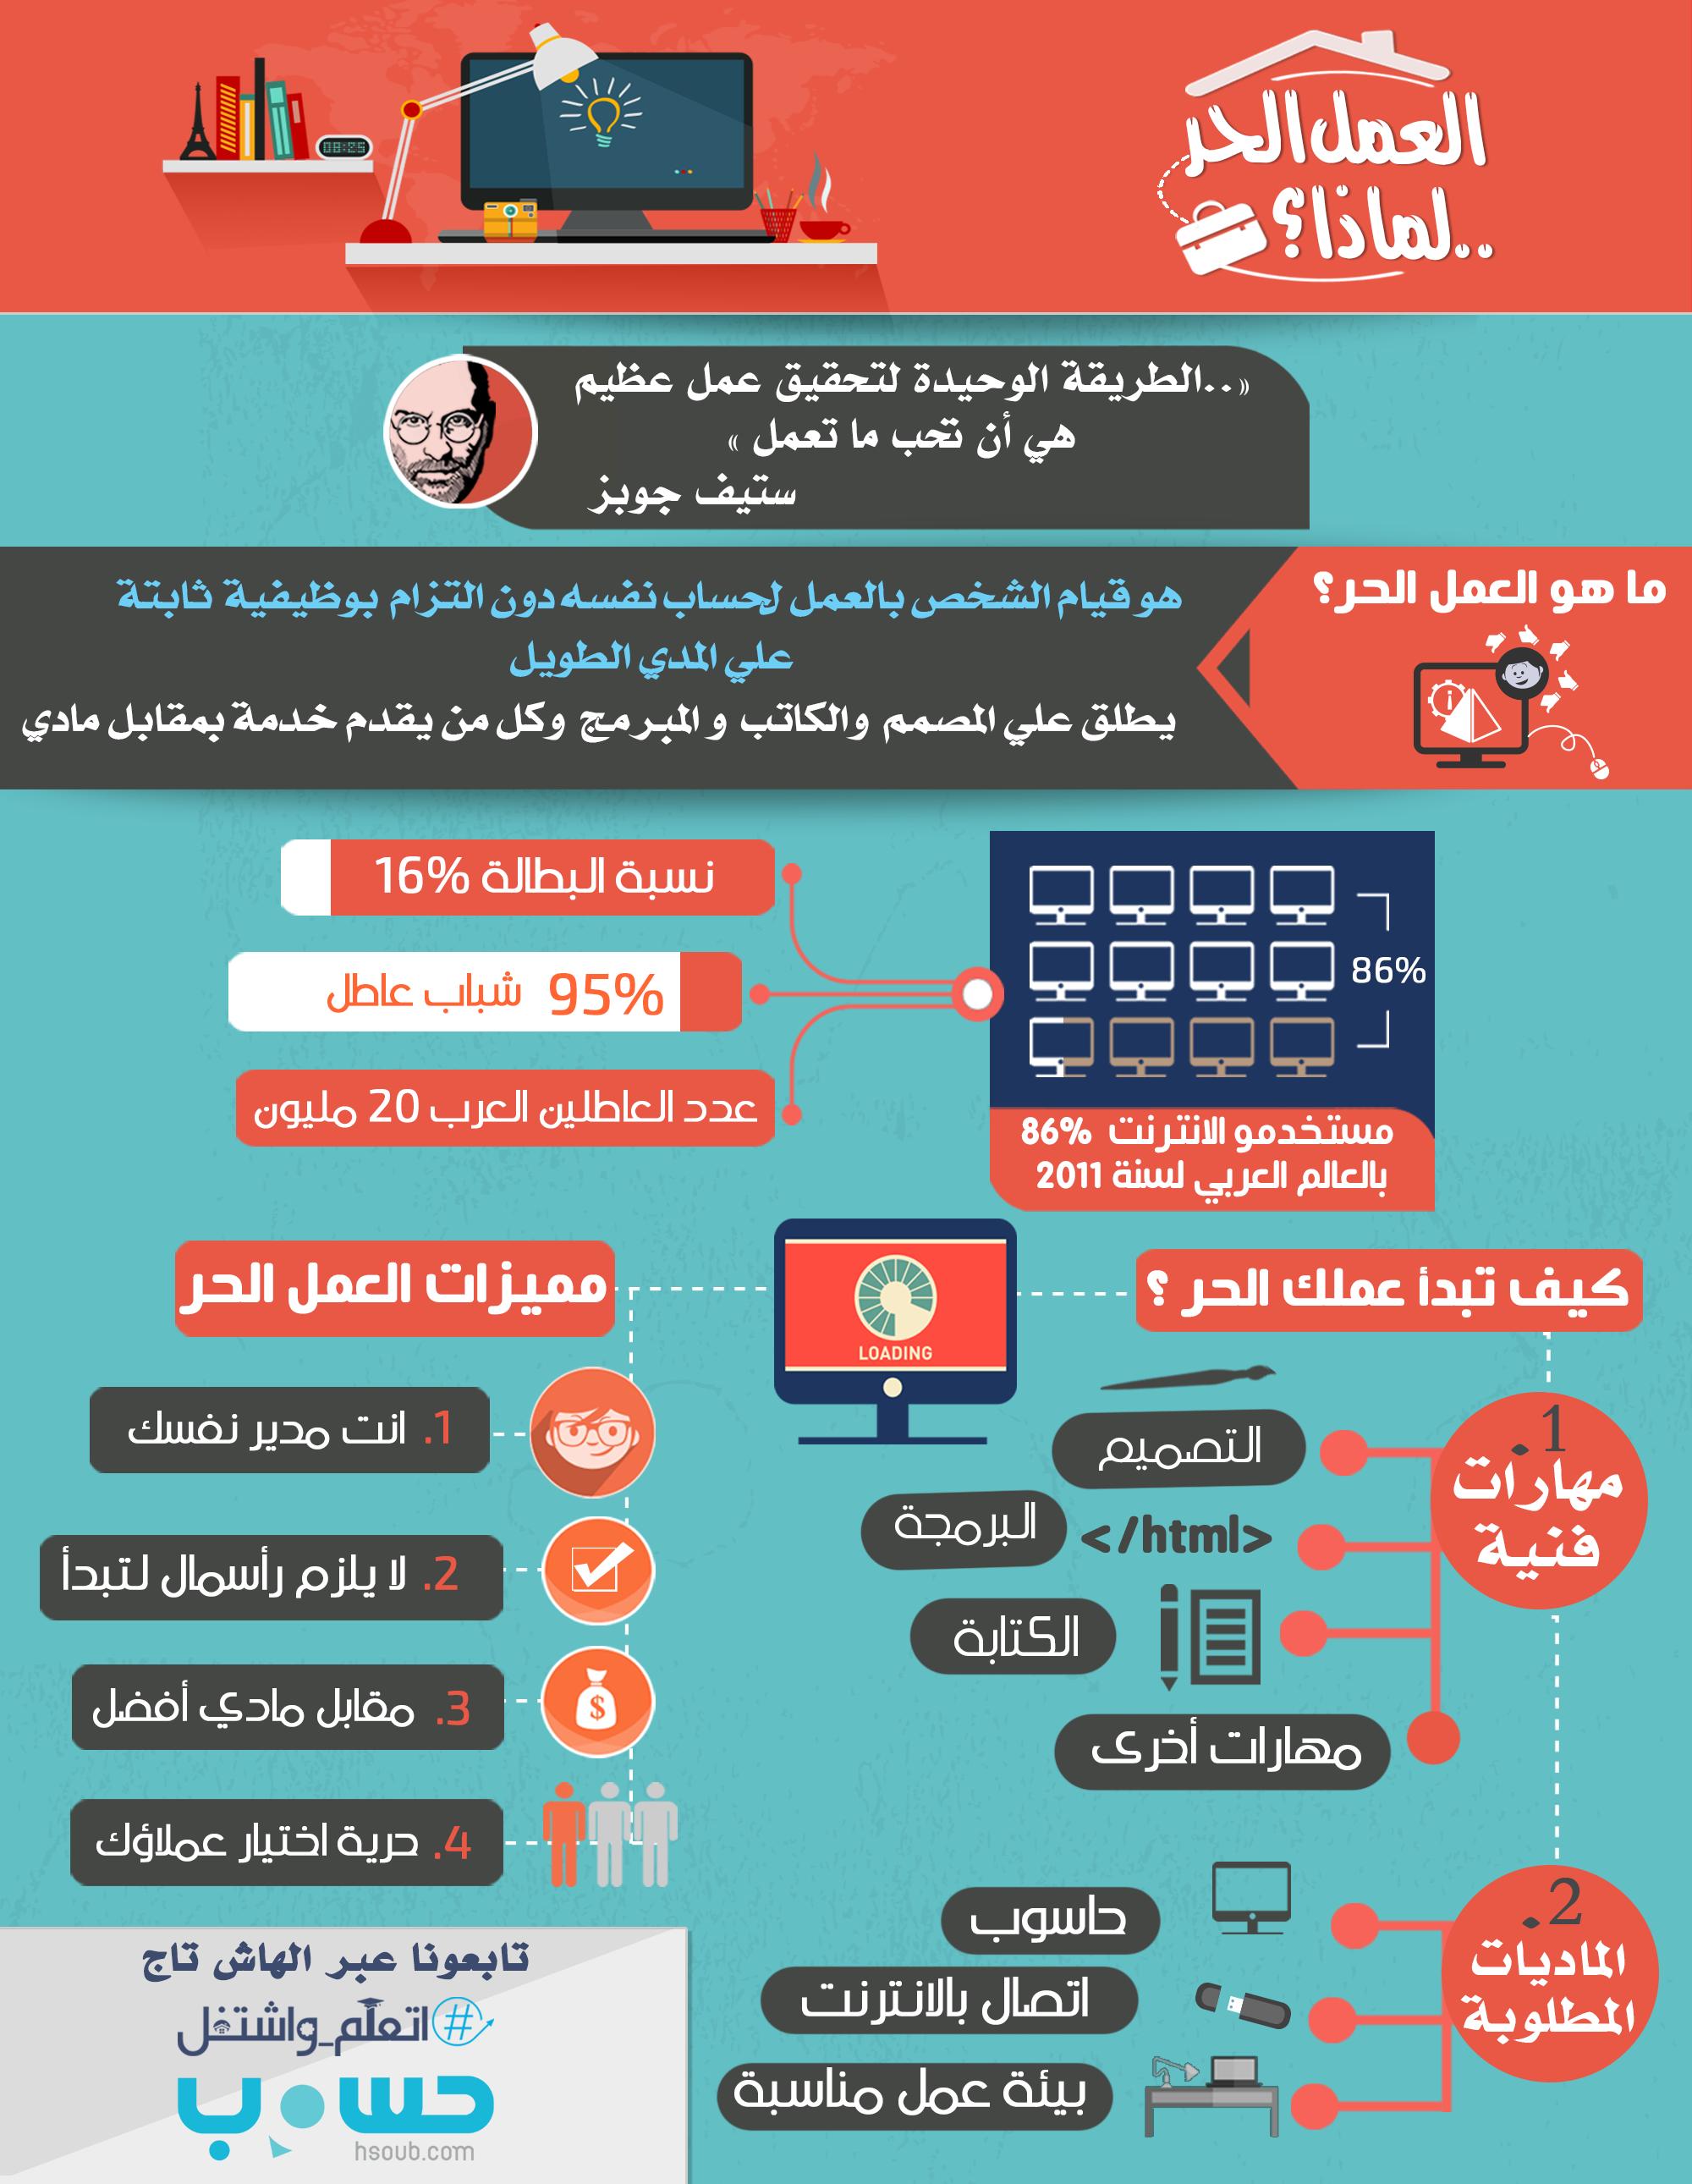 كيف تعمل بشكل حر عبر الانترنت أكاديمية العمل الحر Foacademy Learning Websites Intellegence Business Infographic